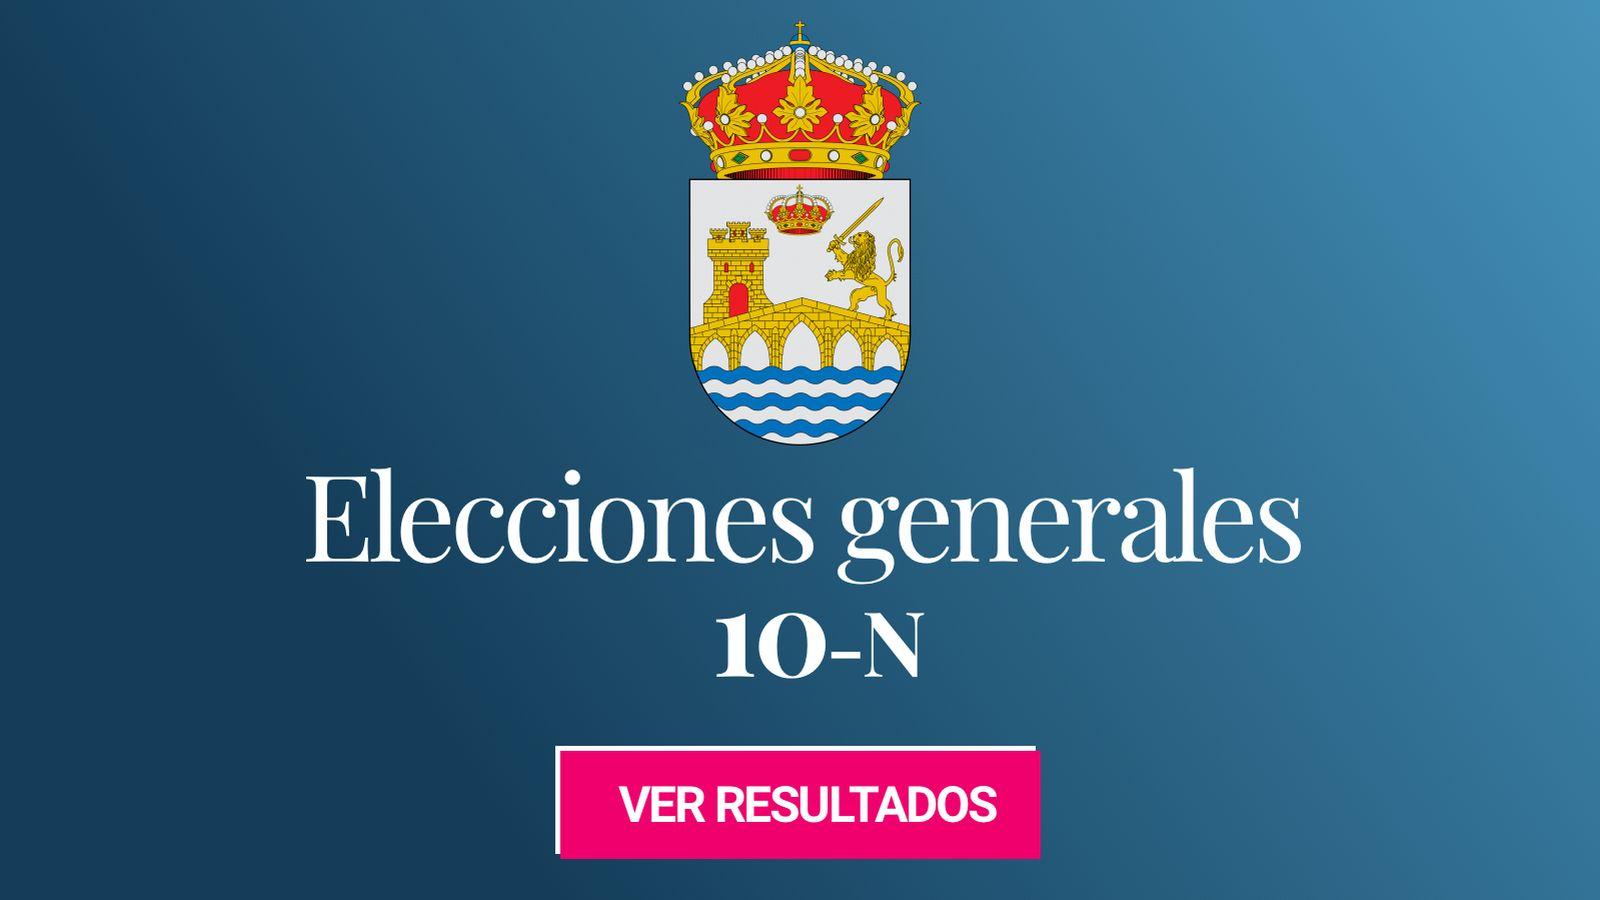 Foto: Elecciones generales 2019 en Ourense. (C.C./EC)